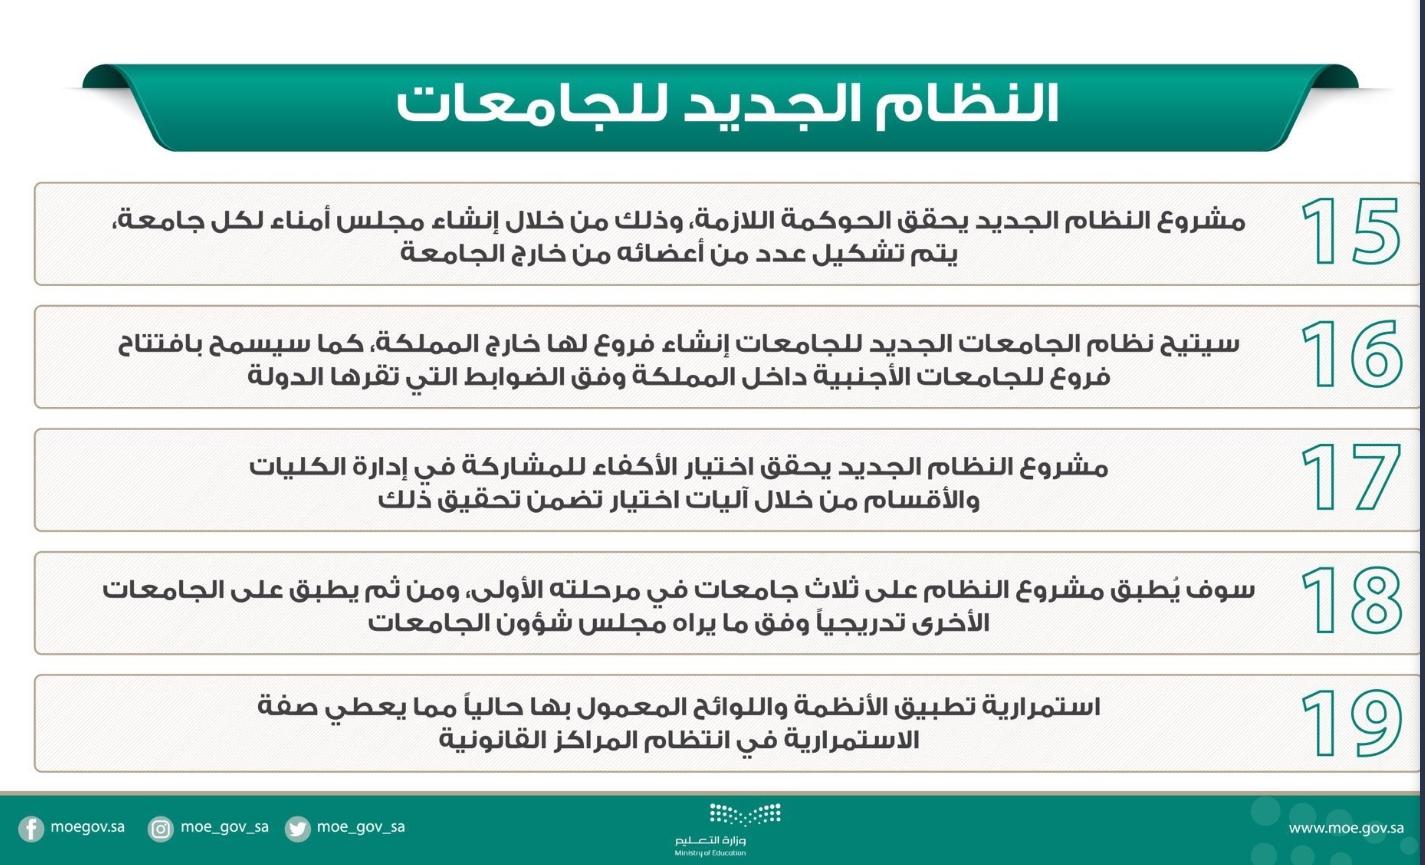 تعرف الى أبرز ملامح النظام الجديد للجامعات في المملكة العربية السعودية do.php?img=55529